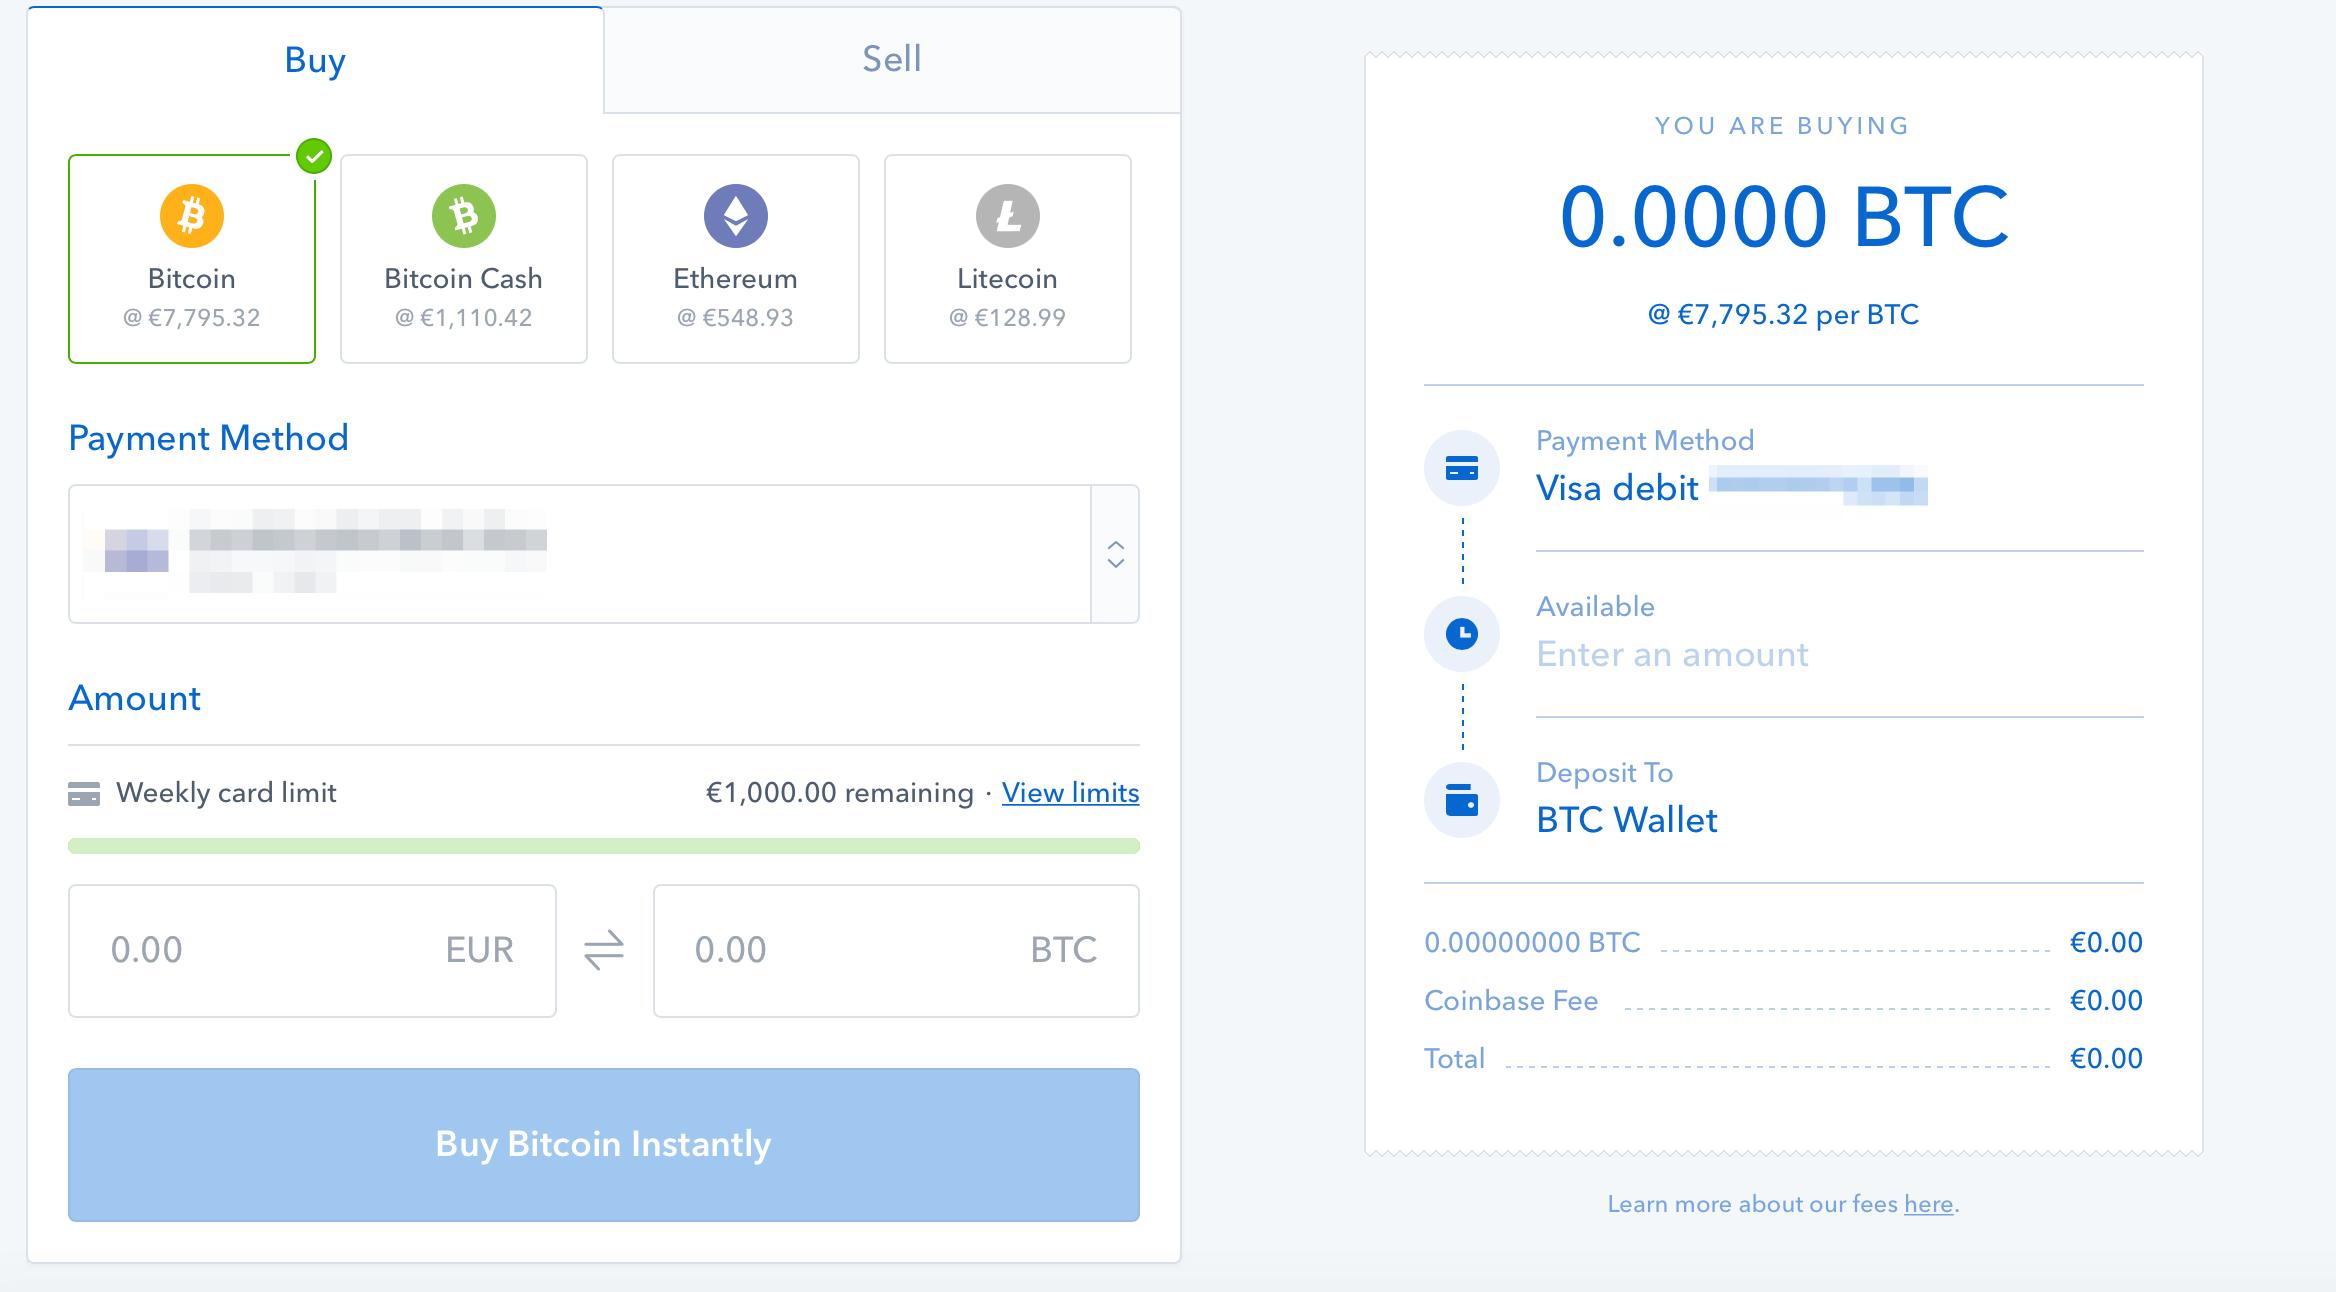 Coinbase-handel av bitcoin steg 1